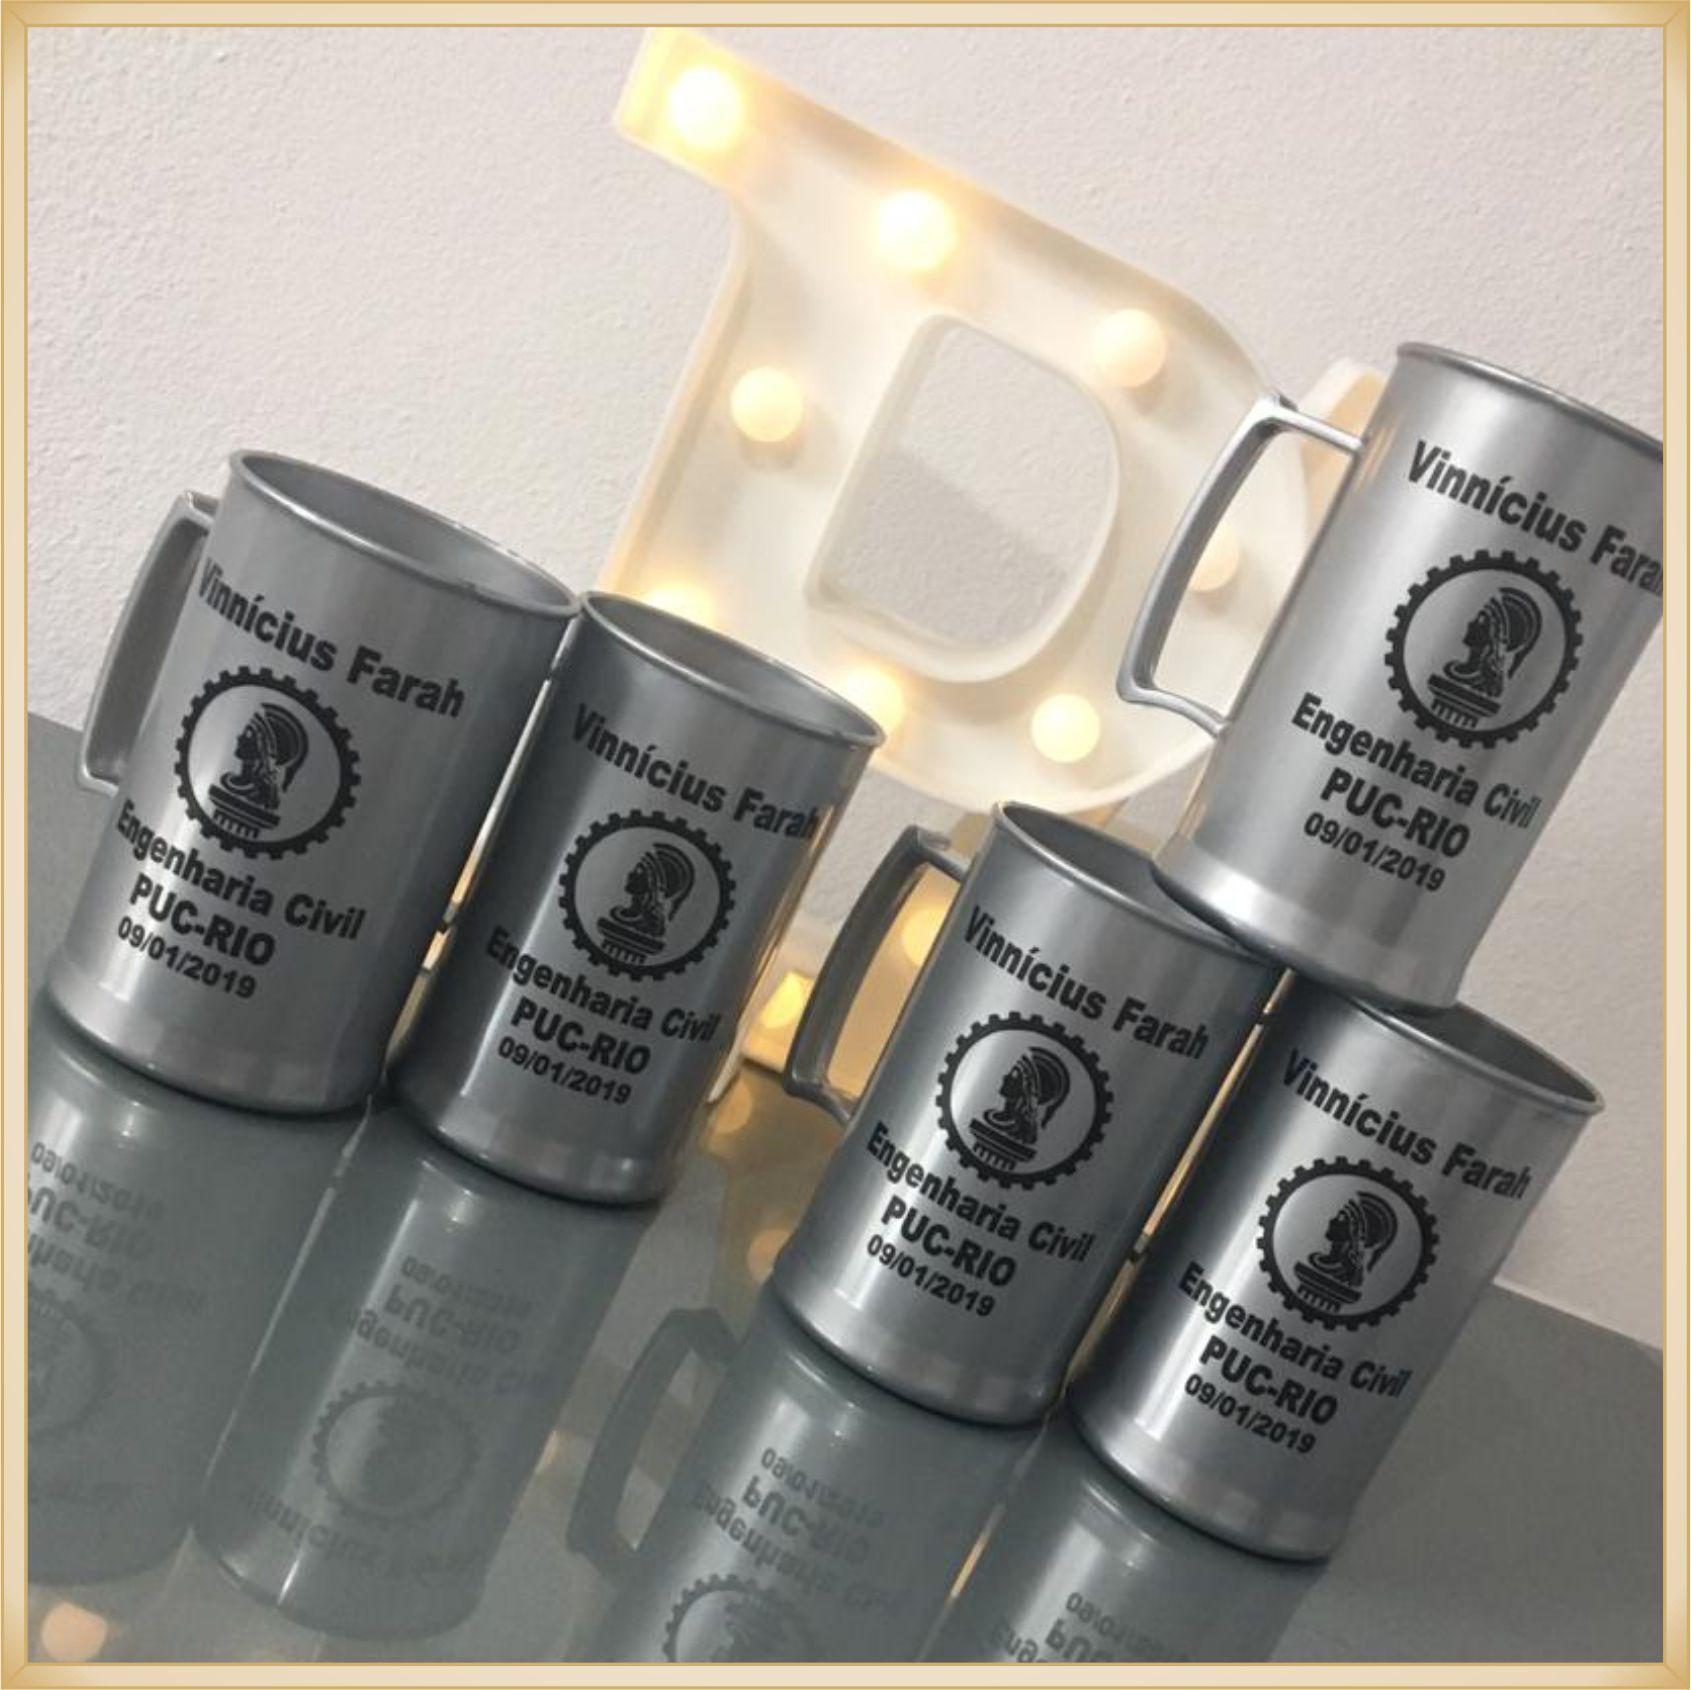 Canecas de acrílico personalizadas Formatura - alta qualidade, acabamento perfeito, parede de 2,5 mm, material atóxico, 300 ml - kit 100 unidades